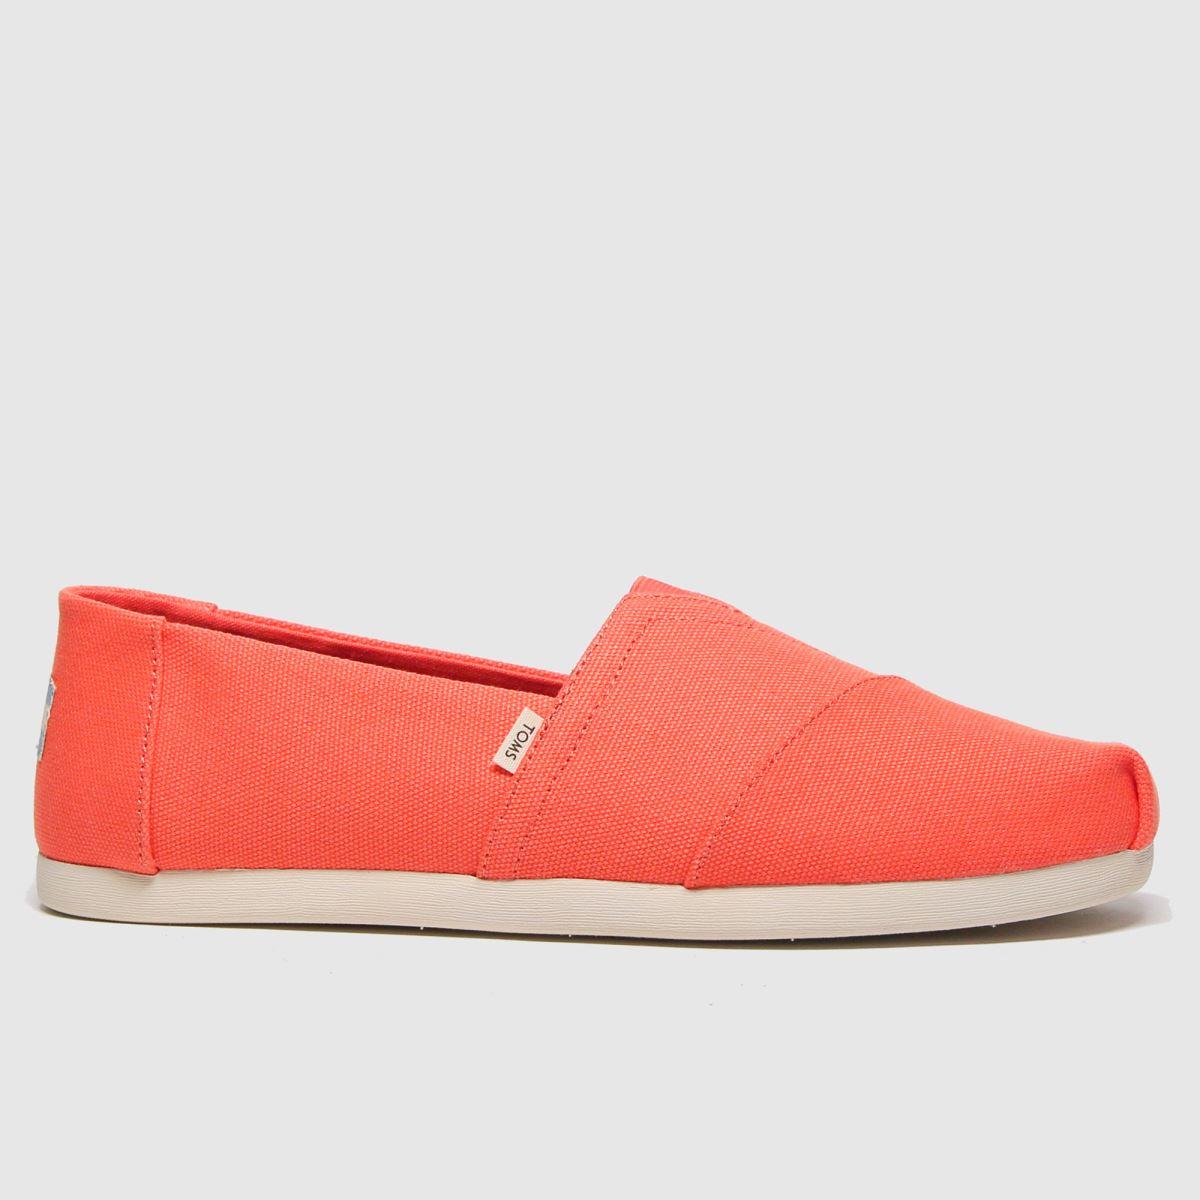 Toms Orange Alpargata 3.0 Shoes